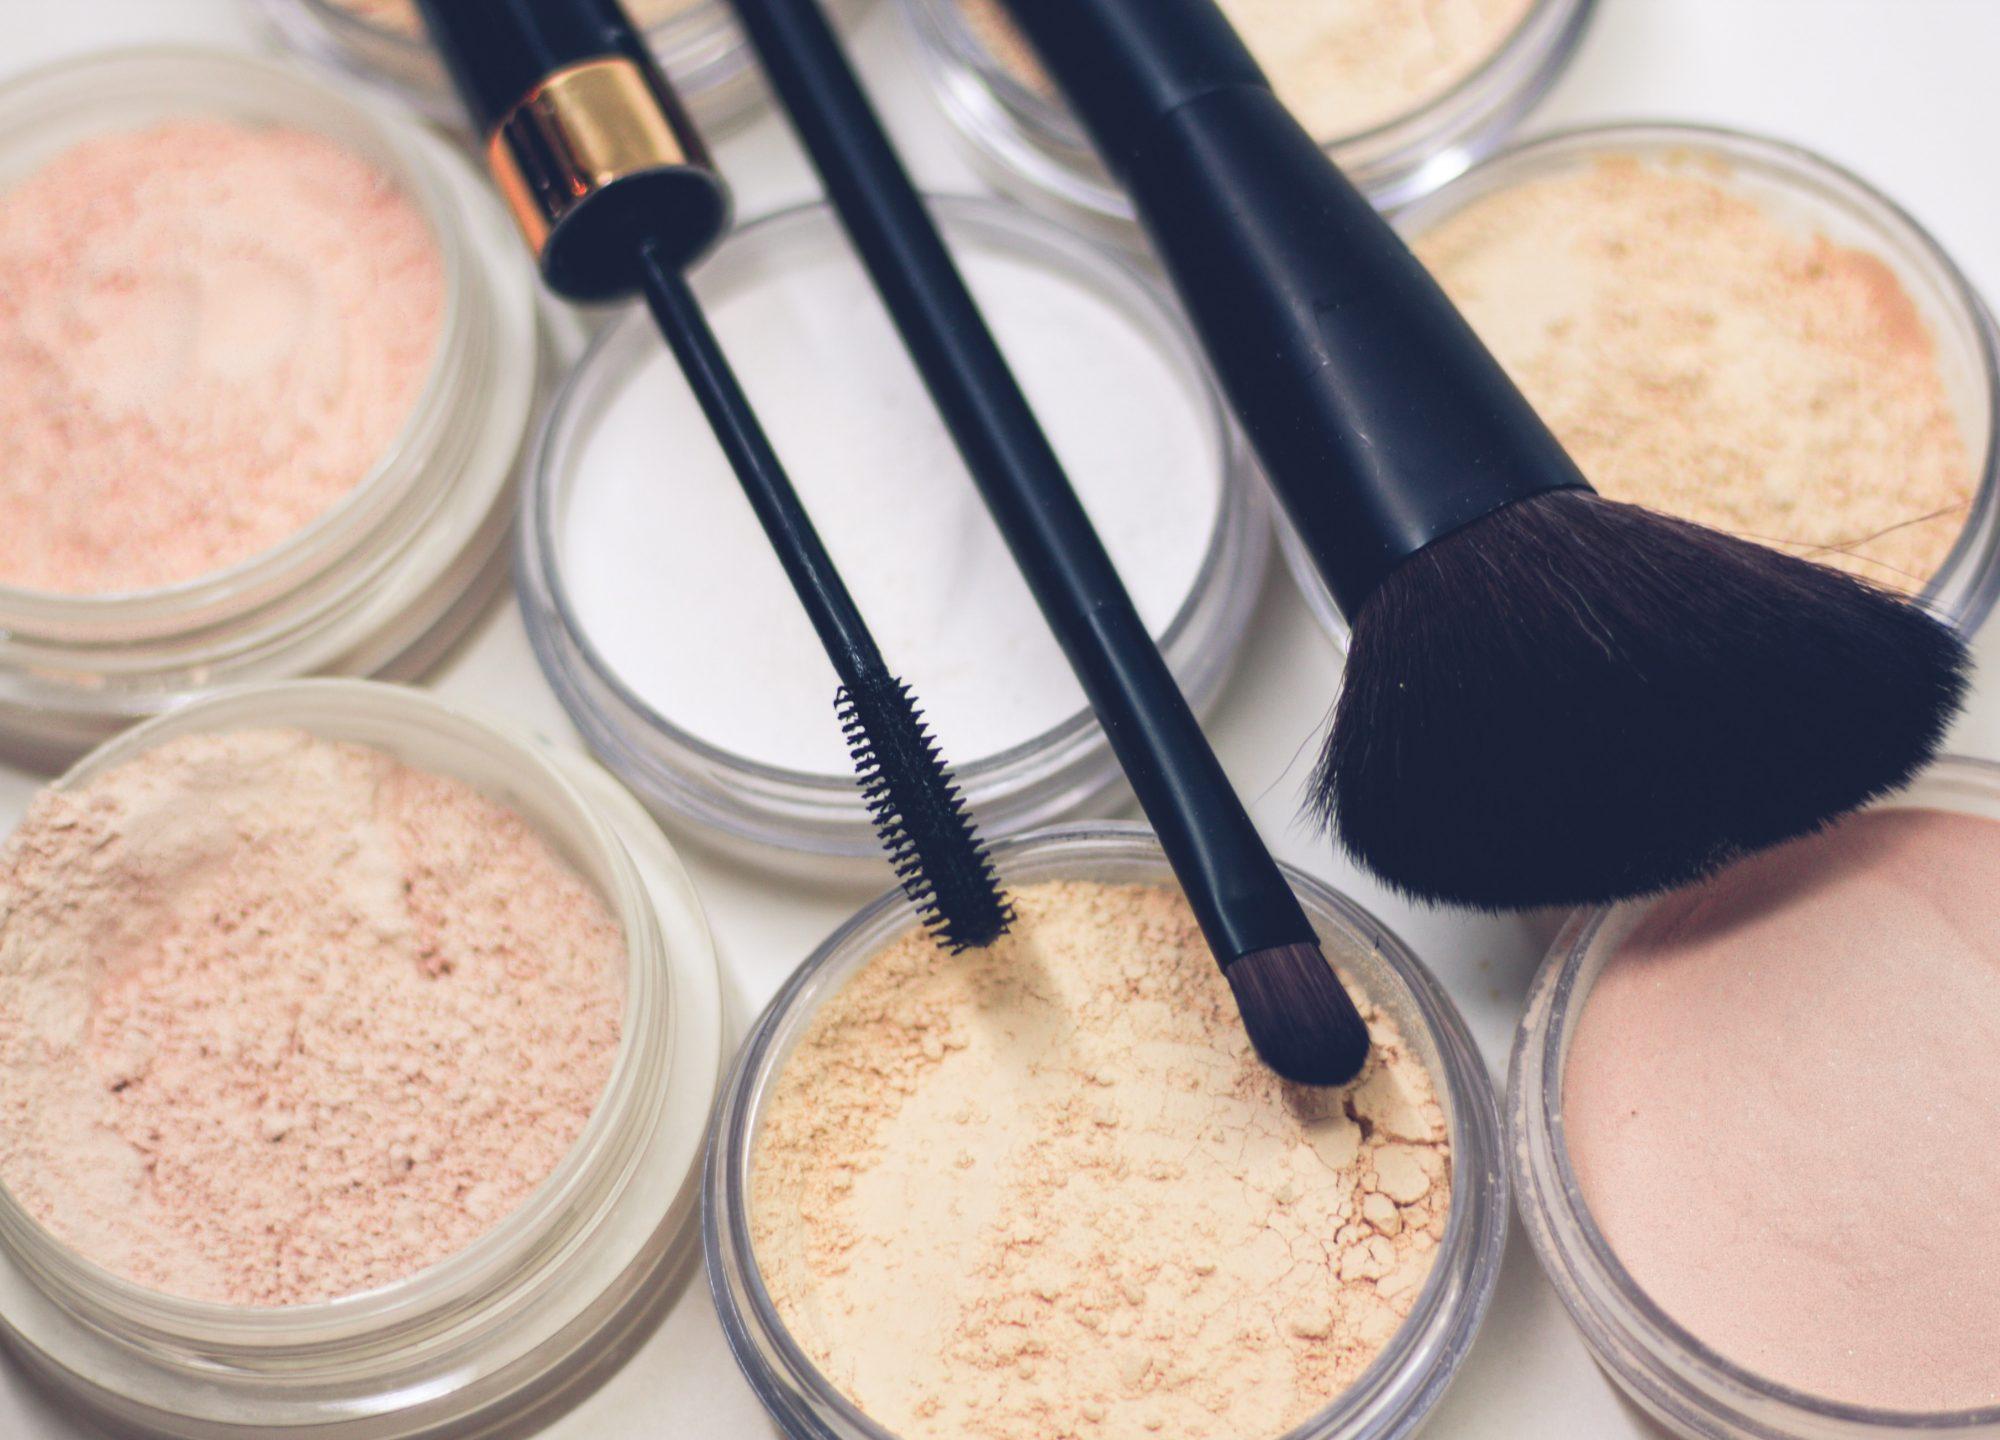 Makeup Brush Over Powders